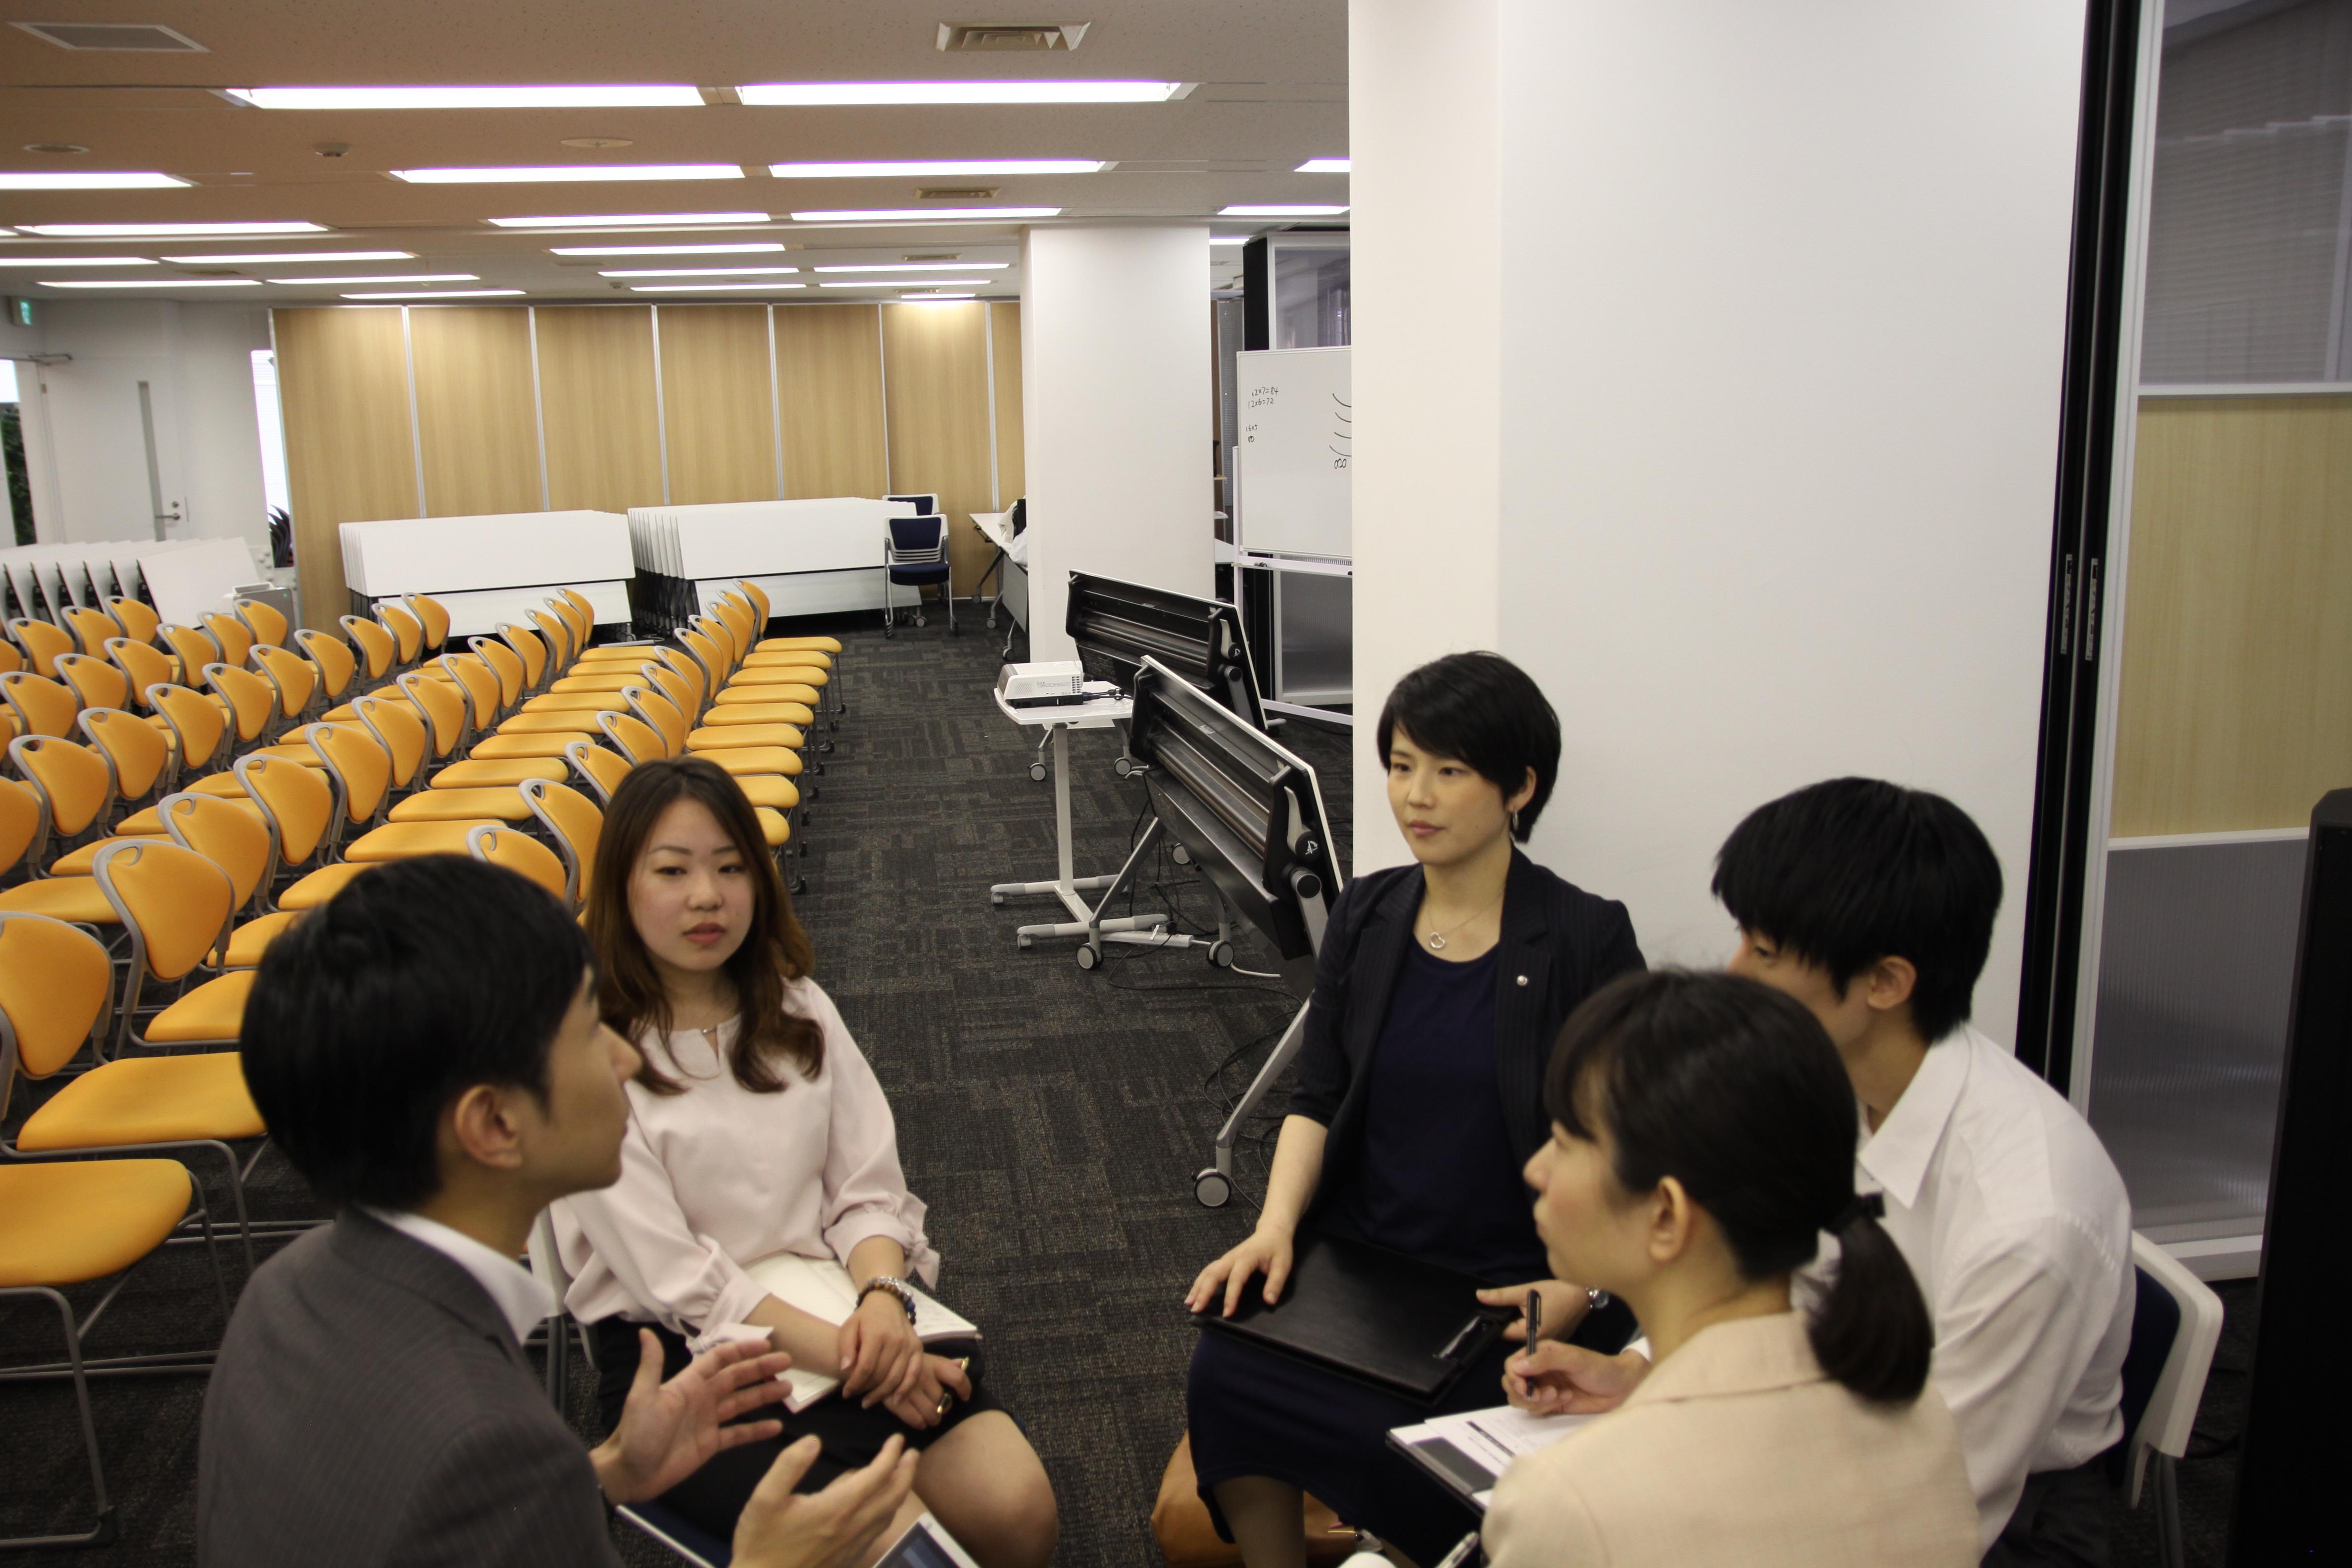 IMG 4345 1 - 関東若獅子の会、記念すべき第100回